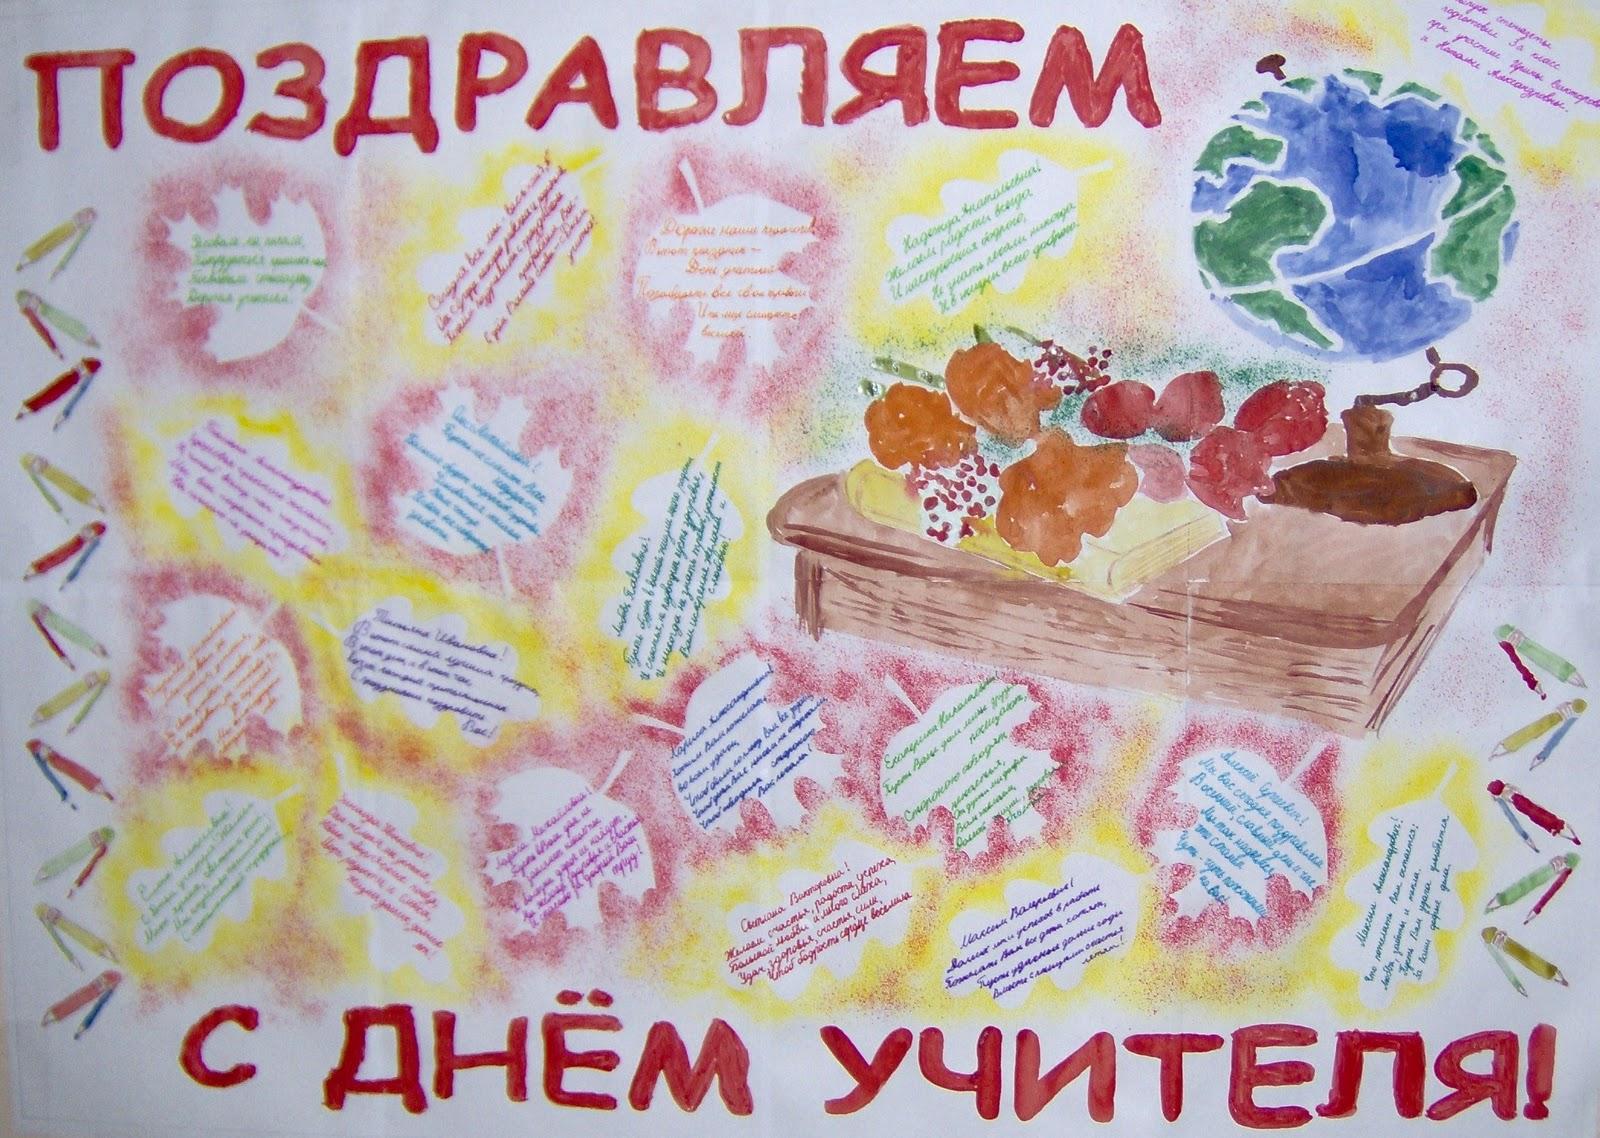 Секреты красного маникюраболее 130 фото идей Ноготок, мои рисунки на 14